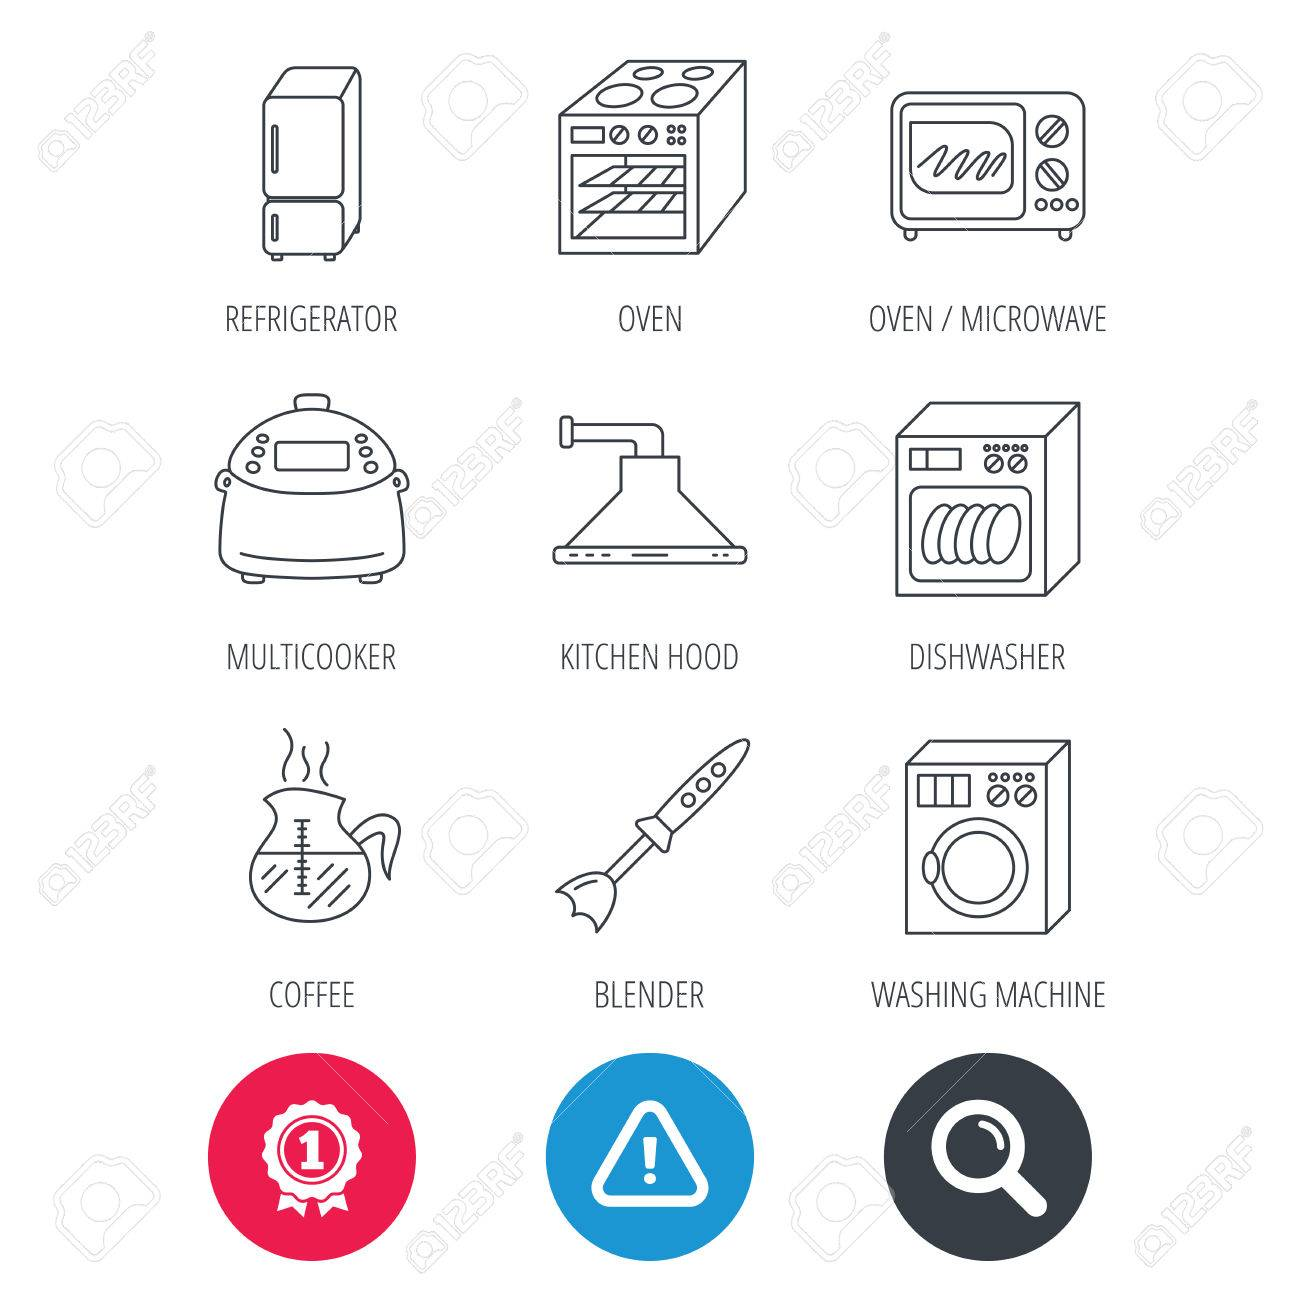 Zeichen Leistung Und Such Lupe Mikrowelle Waschmaschine Und Mixer